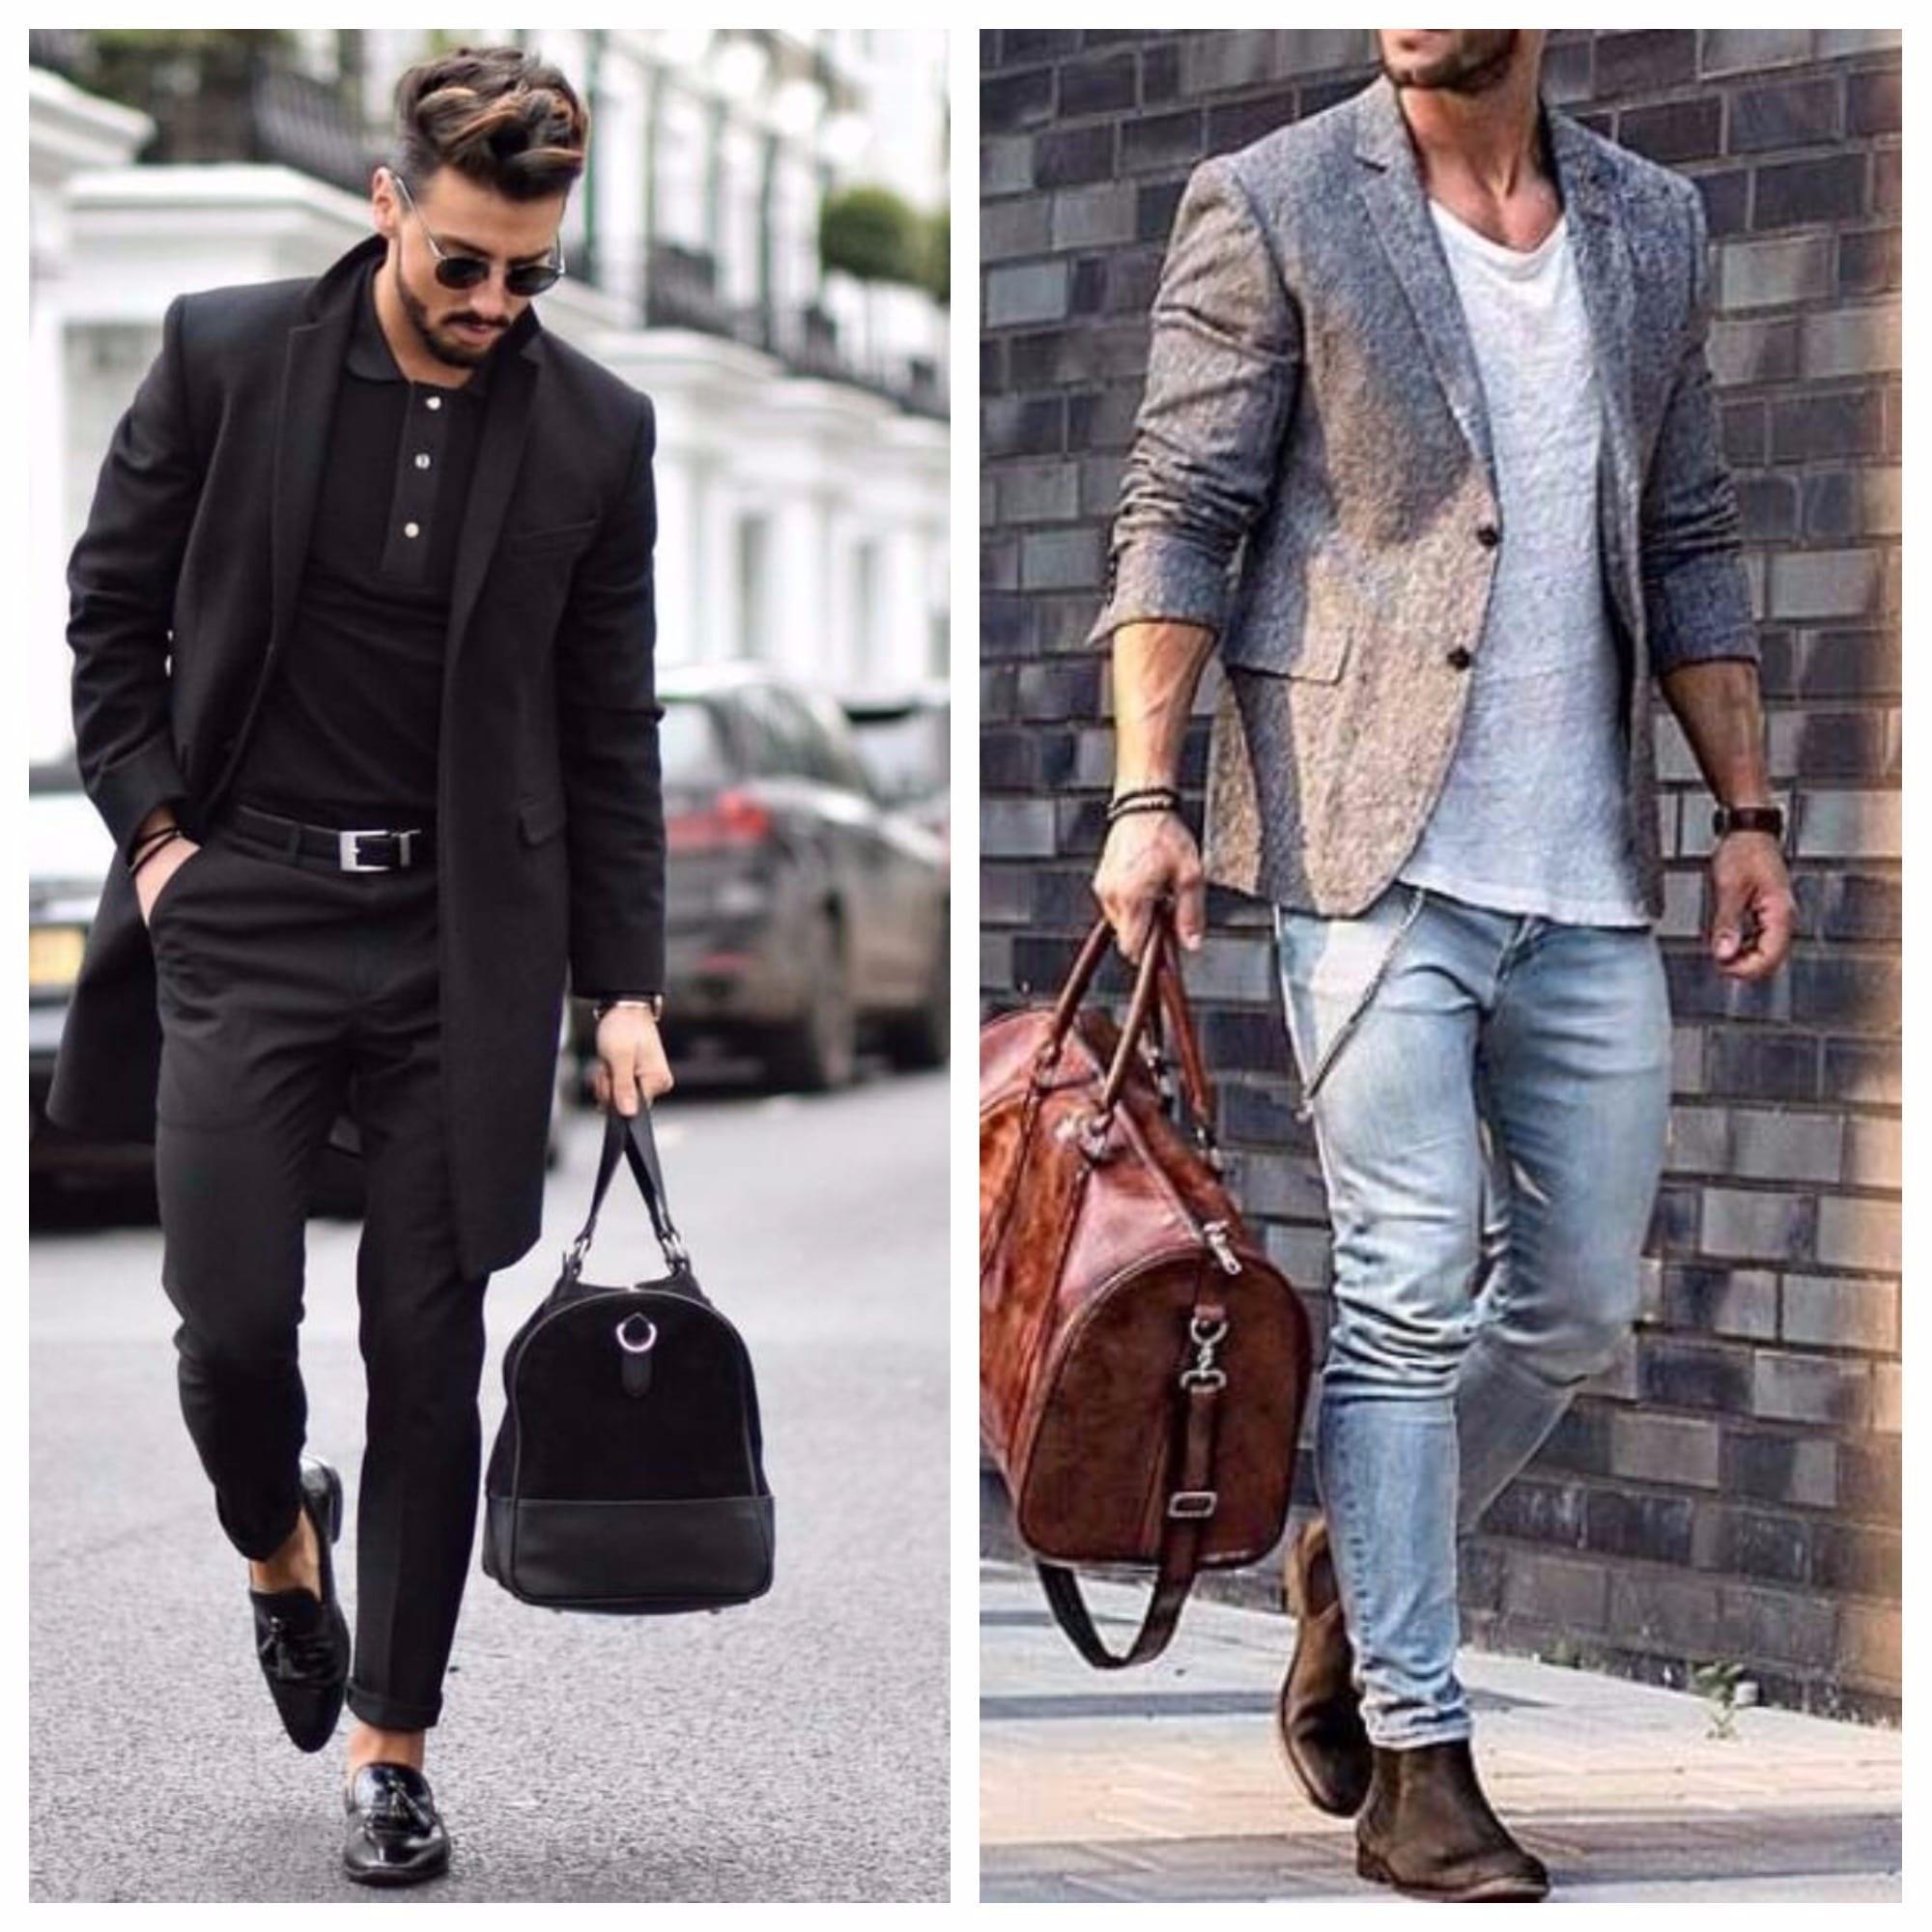 Super Come vestirsi bene uomo: gli stili a cui ispirarsi - GlamStyler JG16